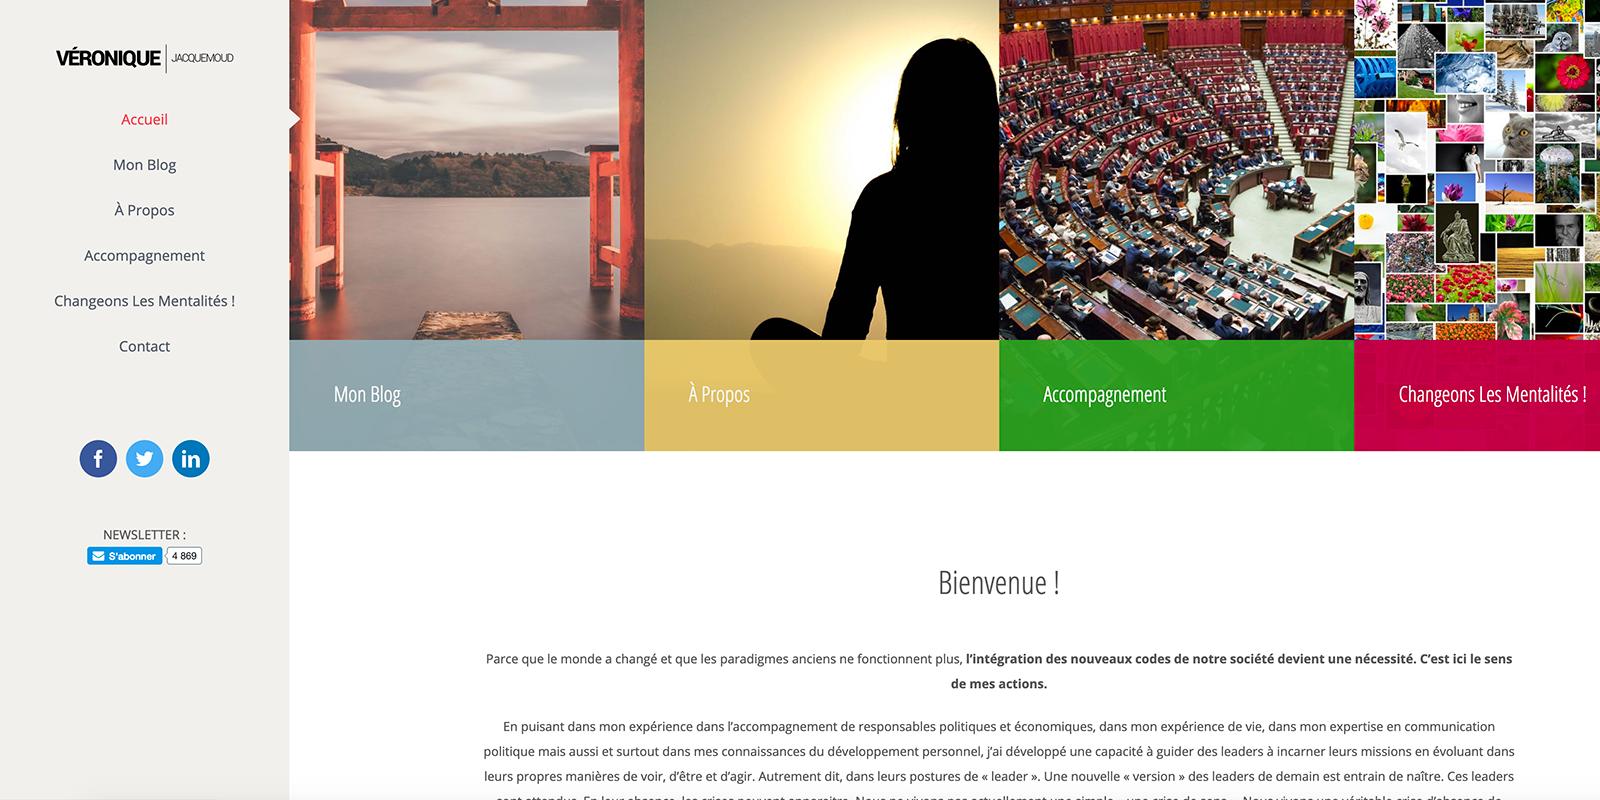 Référence - Véronique Jacquemoud - Netcom Agency - Communication numérique